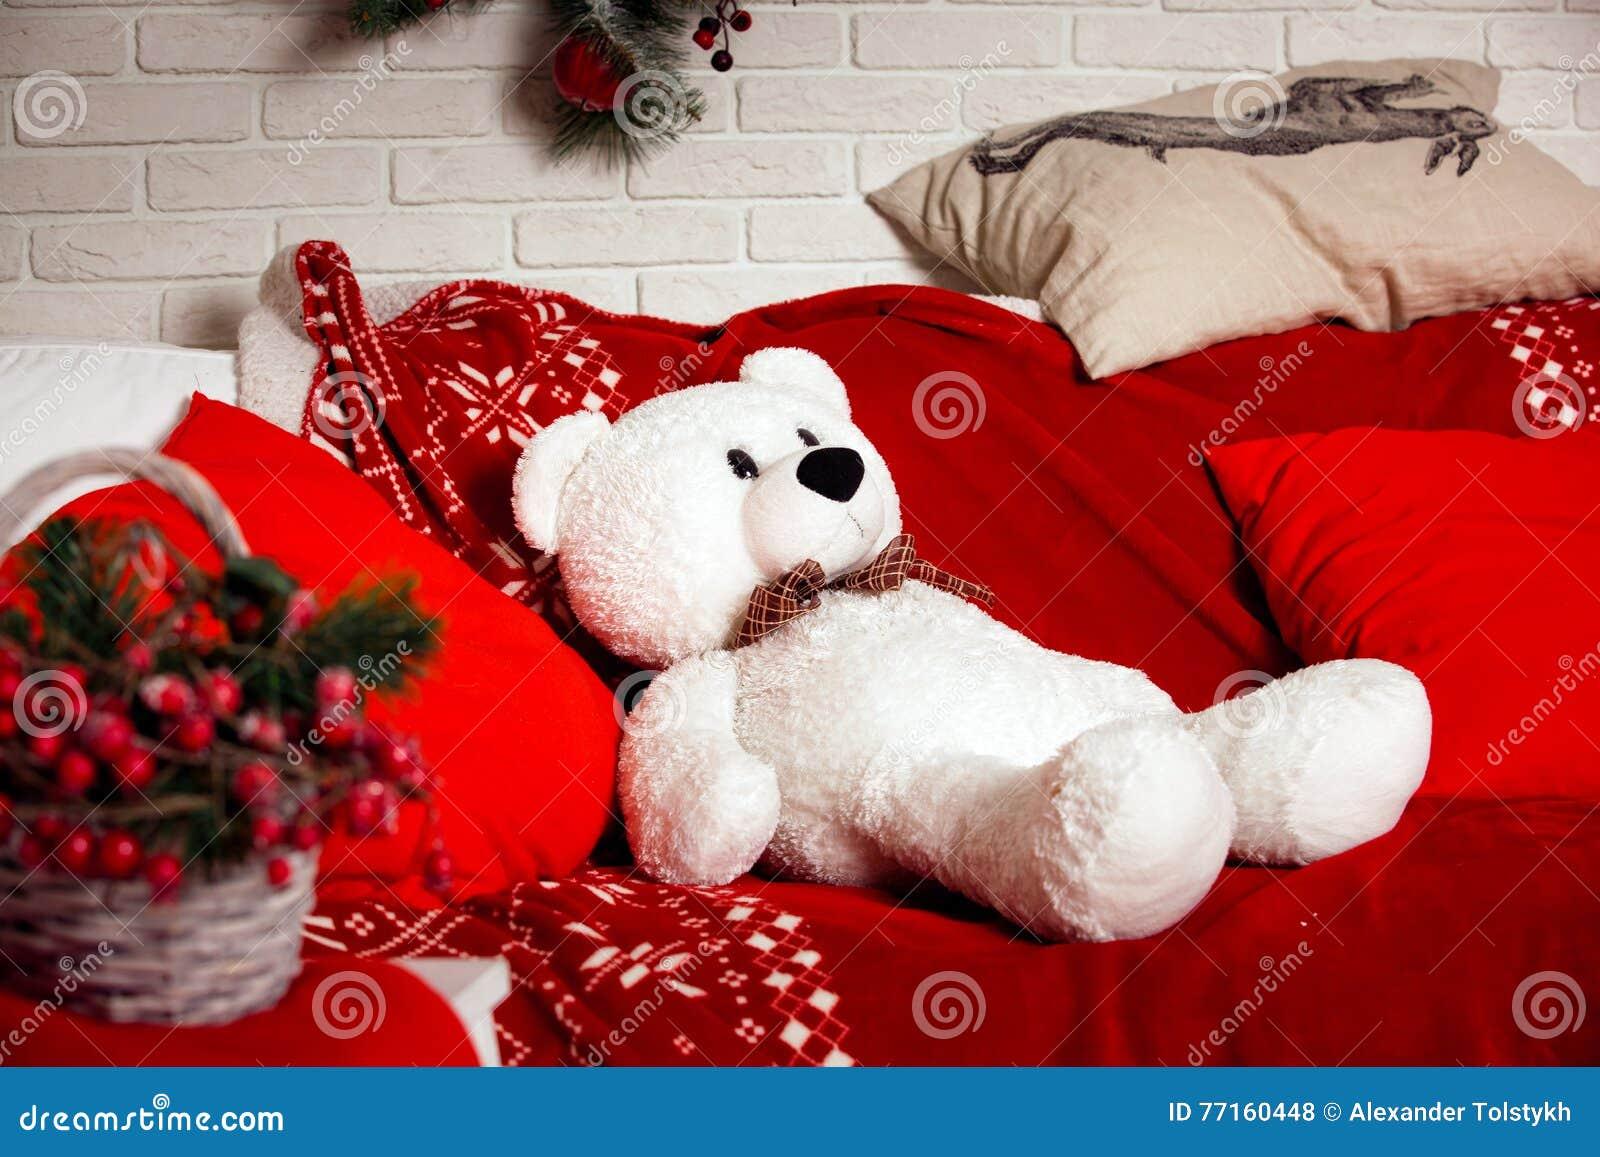 Fond de Noël avec le jouet d ours blanc